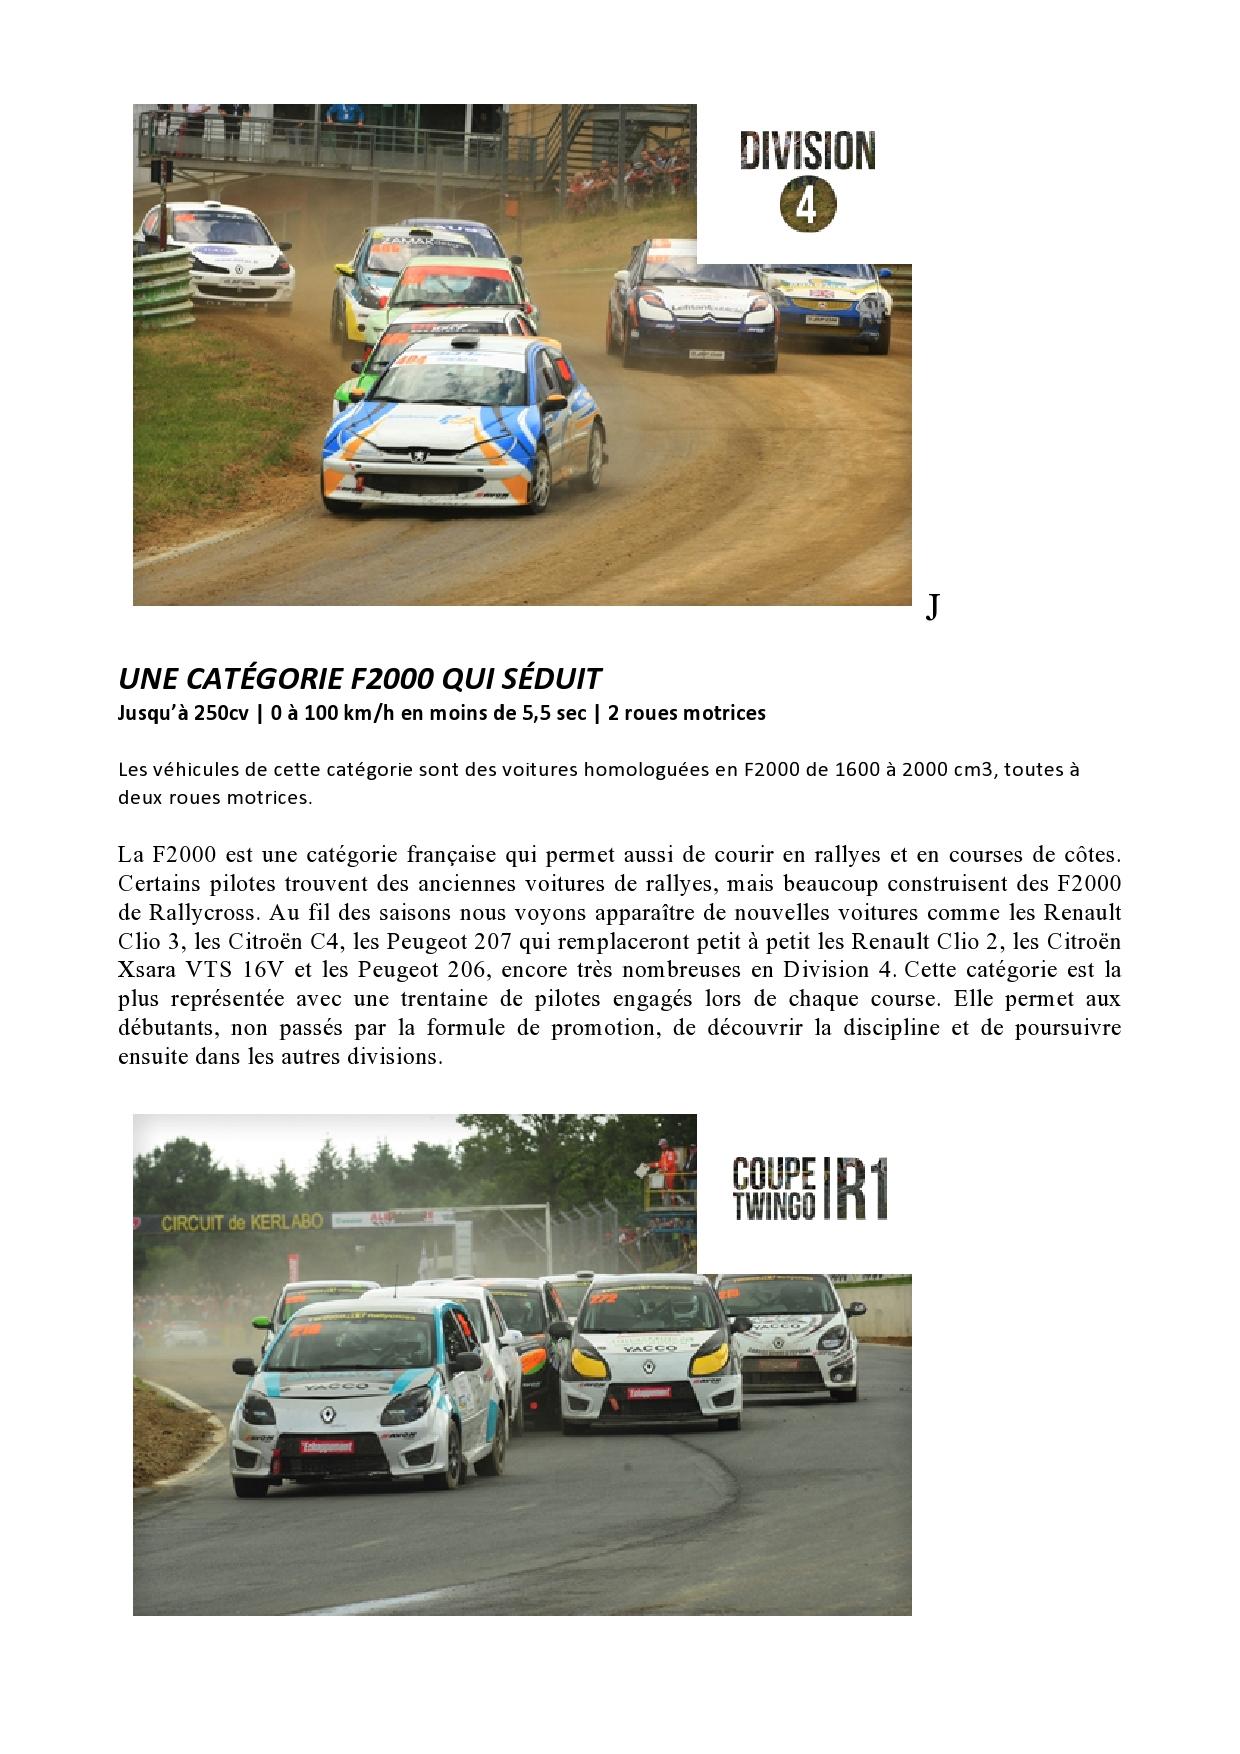 Les Catégories-page0003